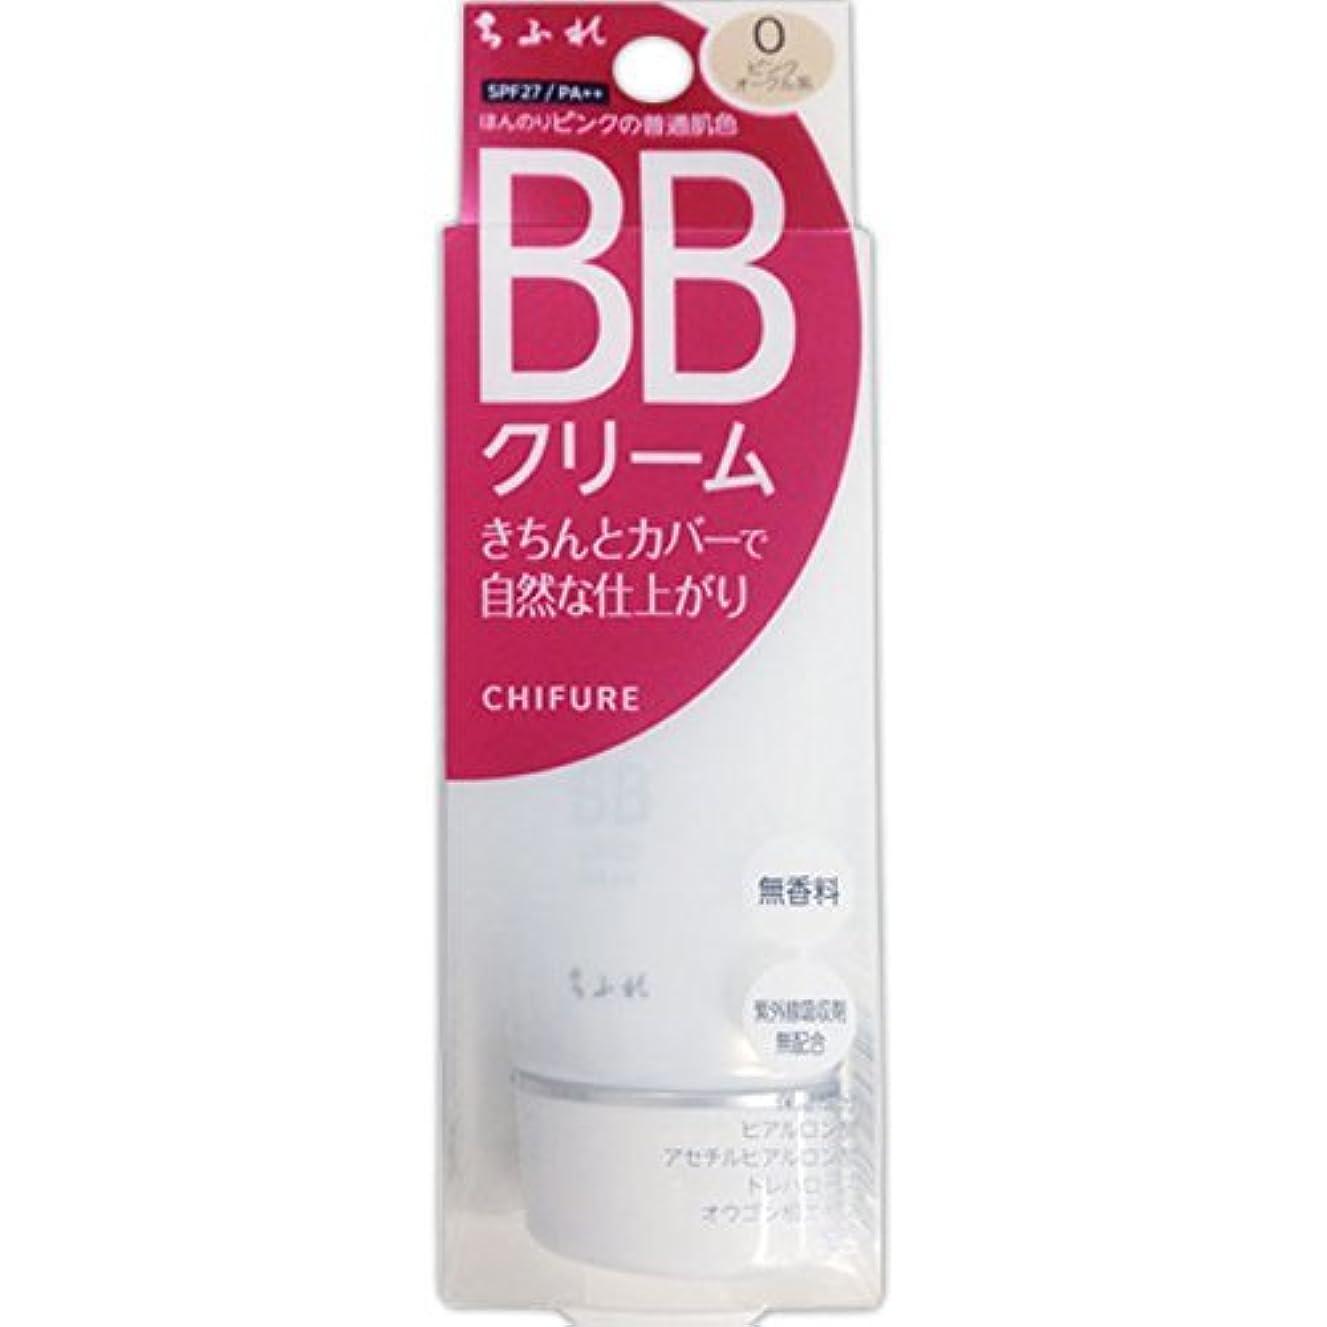 ブルゴーニュシャンプーベルベットちふれ化粧品 BB クリーム ほんのりピンクの普通肌色 0